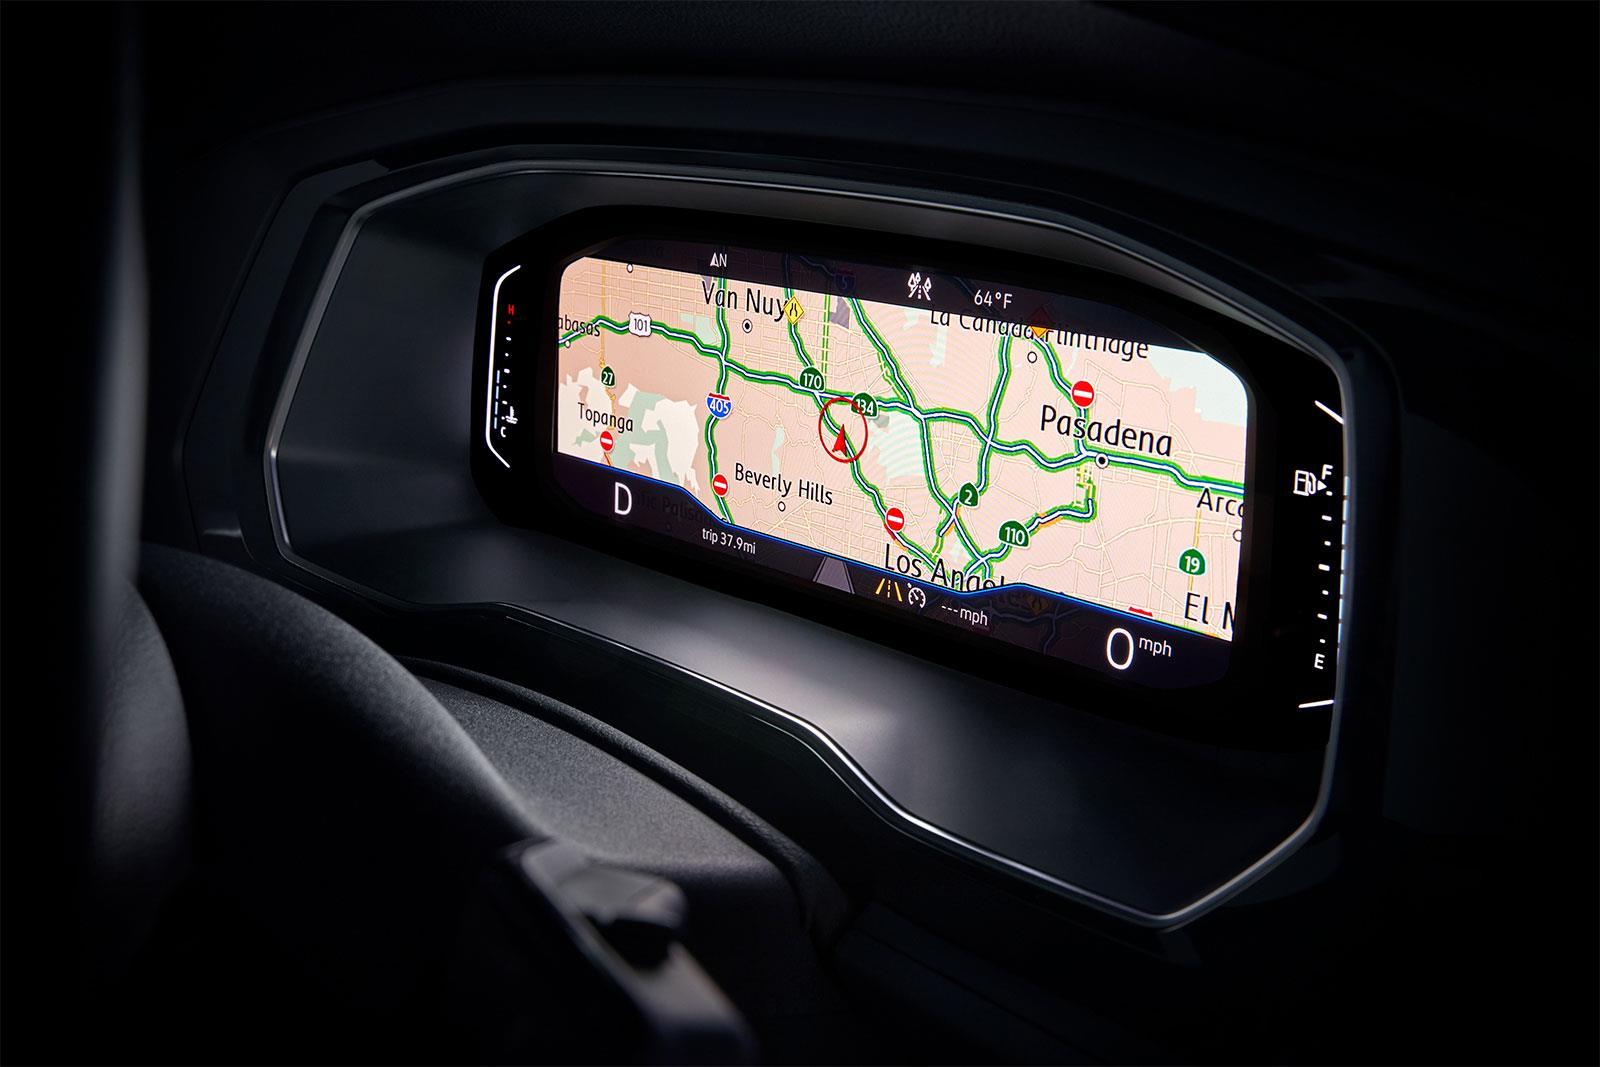 La pantalla digital disponible en el Volkswagen Jetta 2019